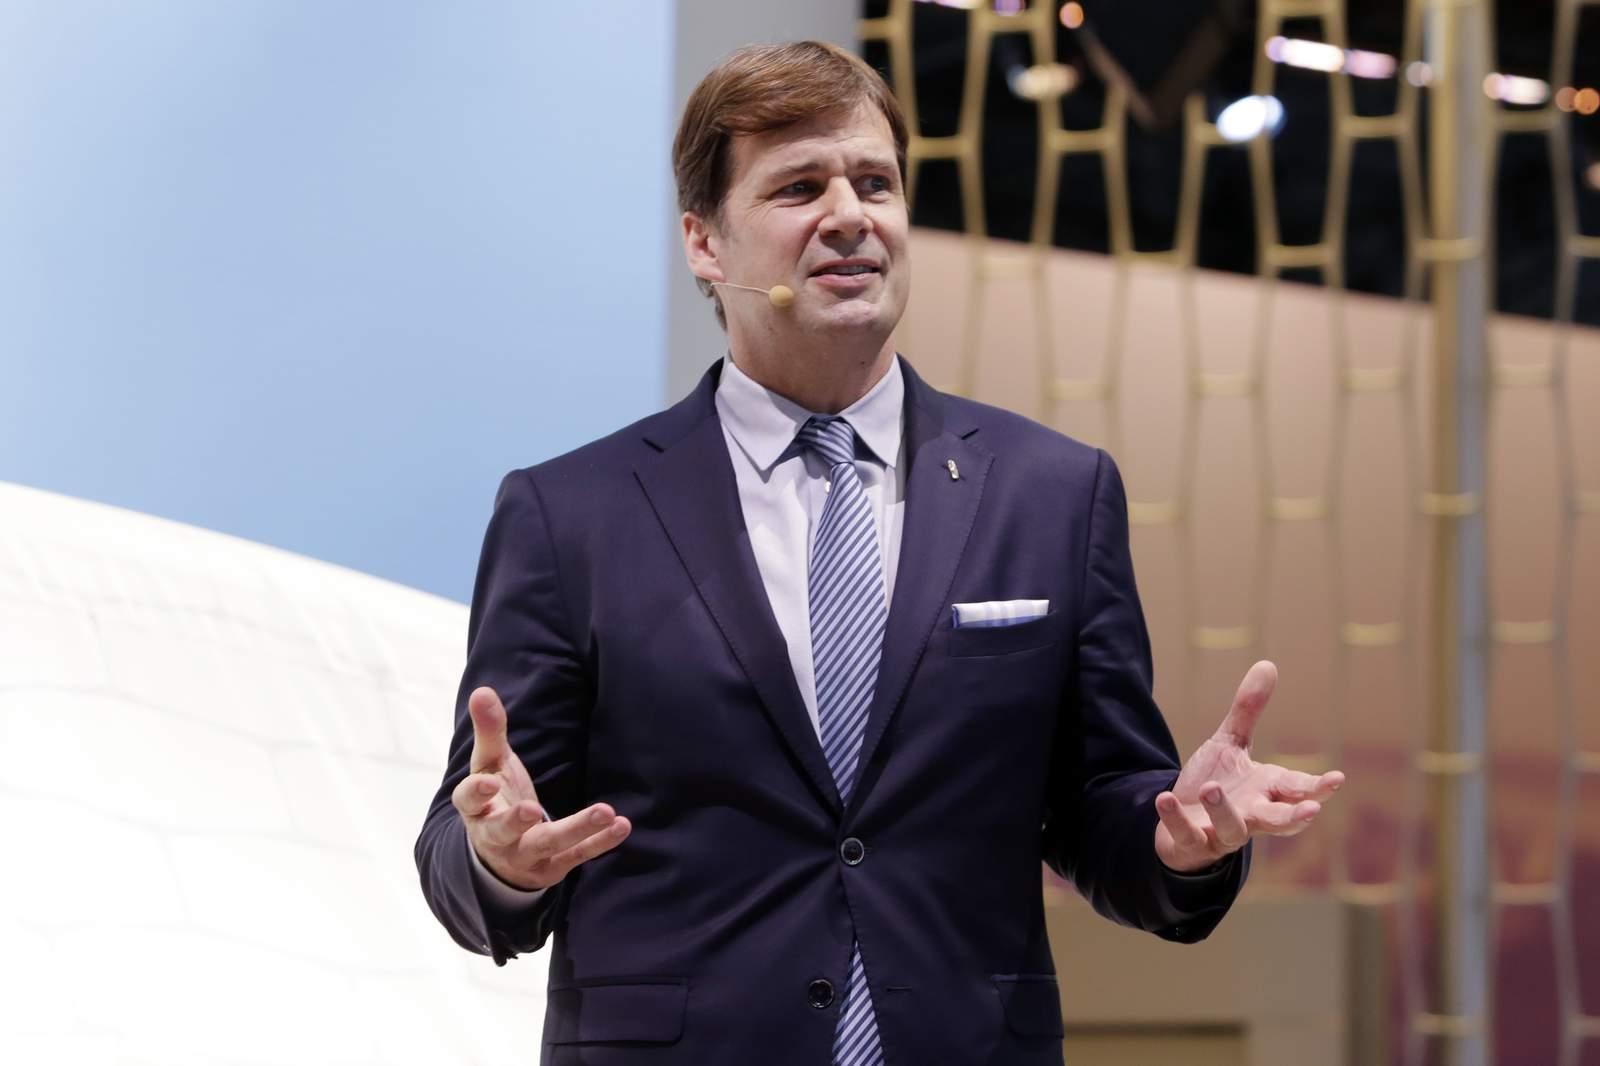 Jim Farley, le nouveau COO de Ford, présente ses priorités pour redresser la société